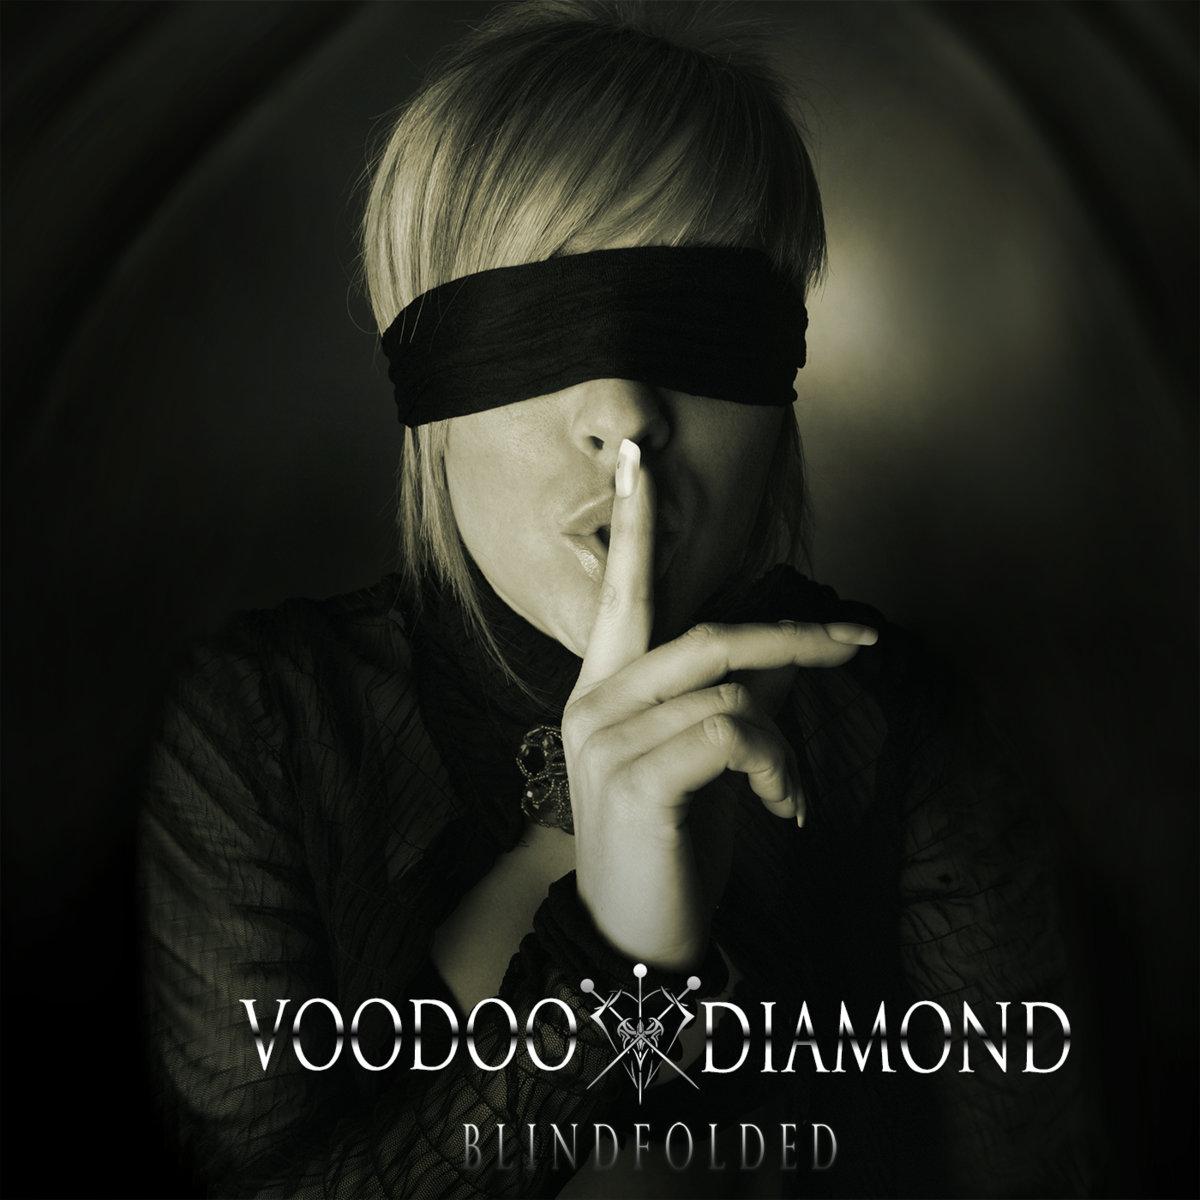 www.facebook.com/Voodoo-Diamond-1473789166226500